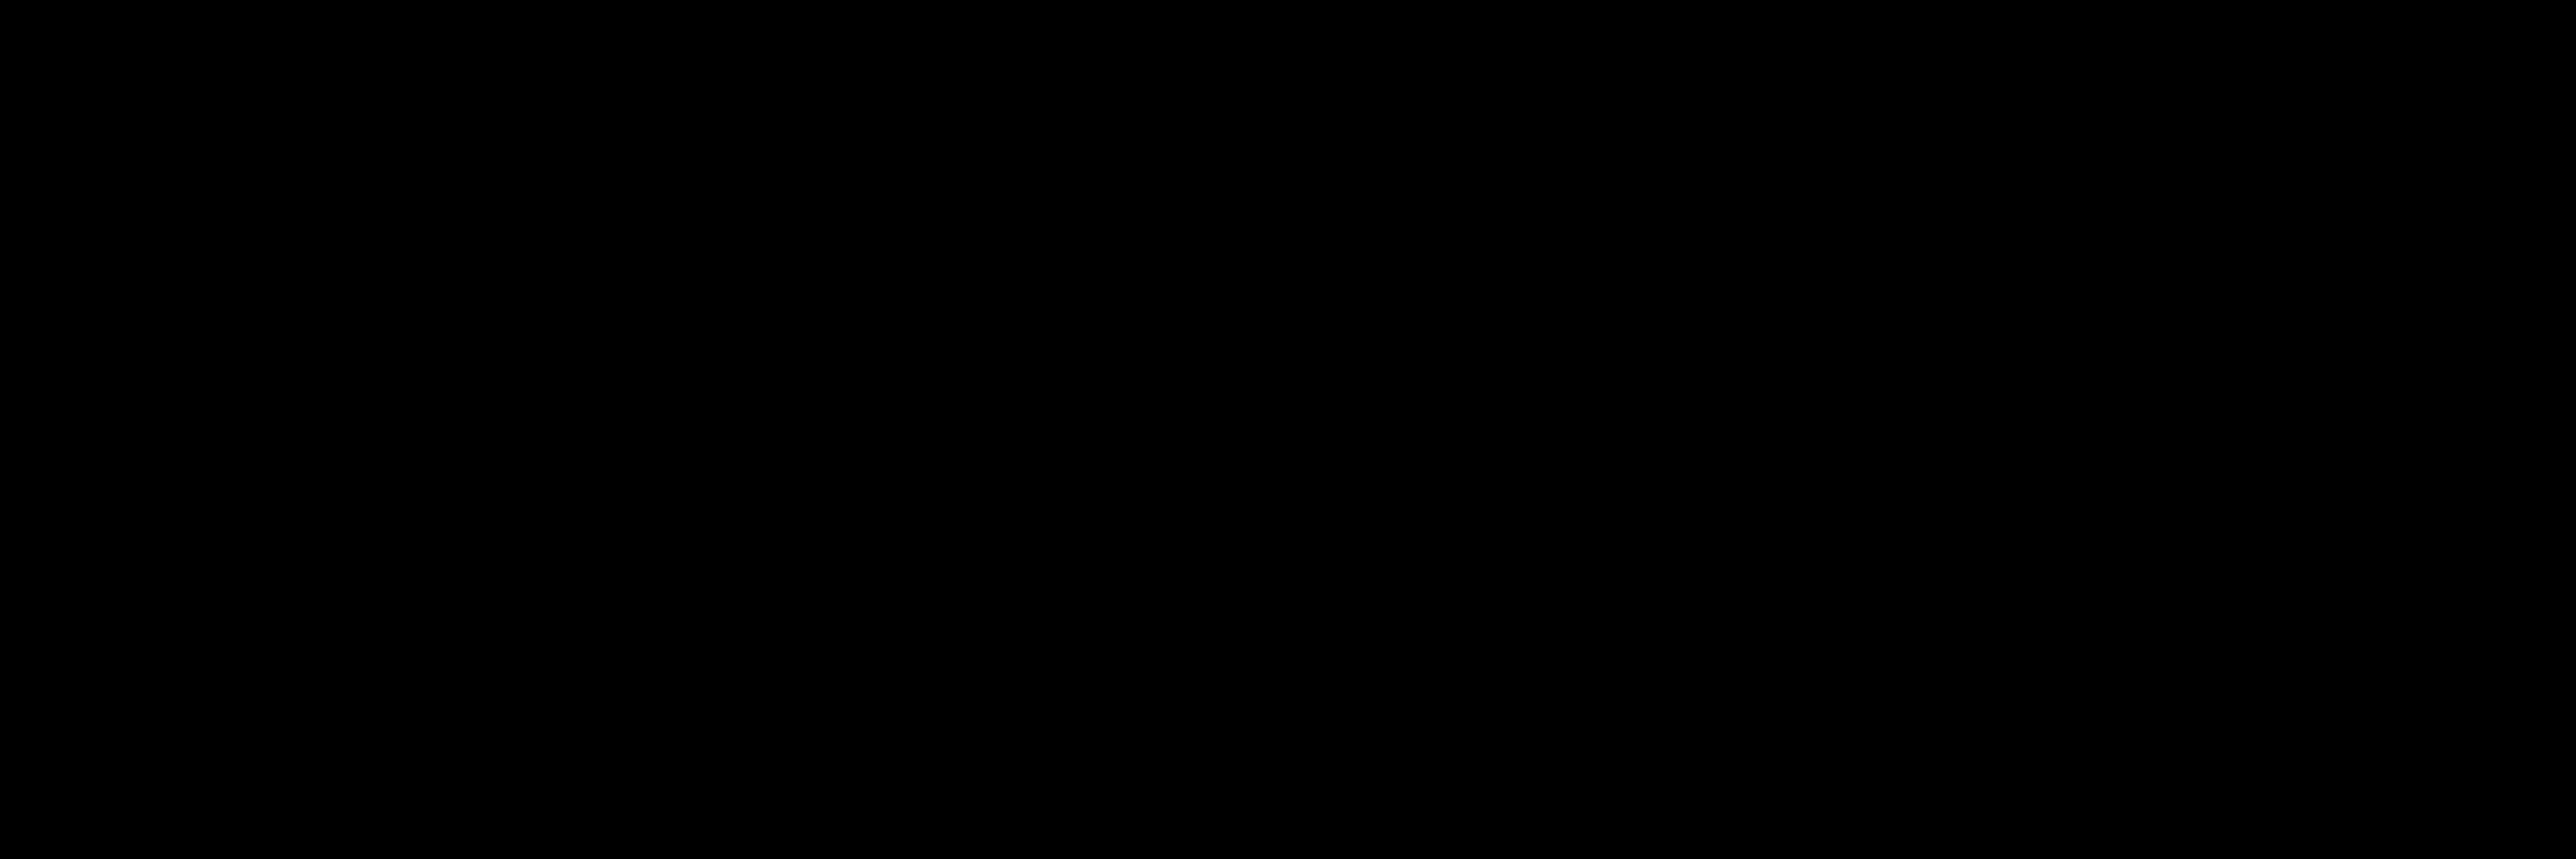 New Data Plans